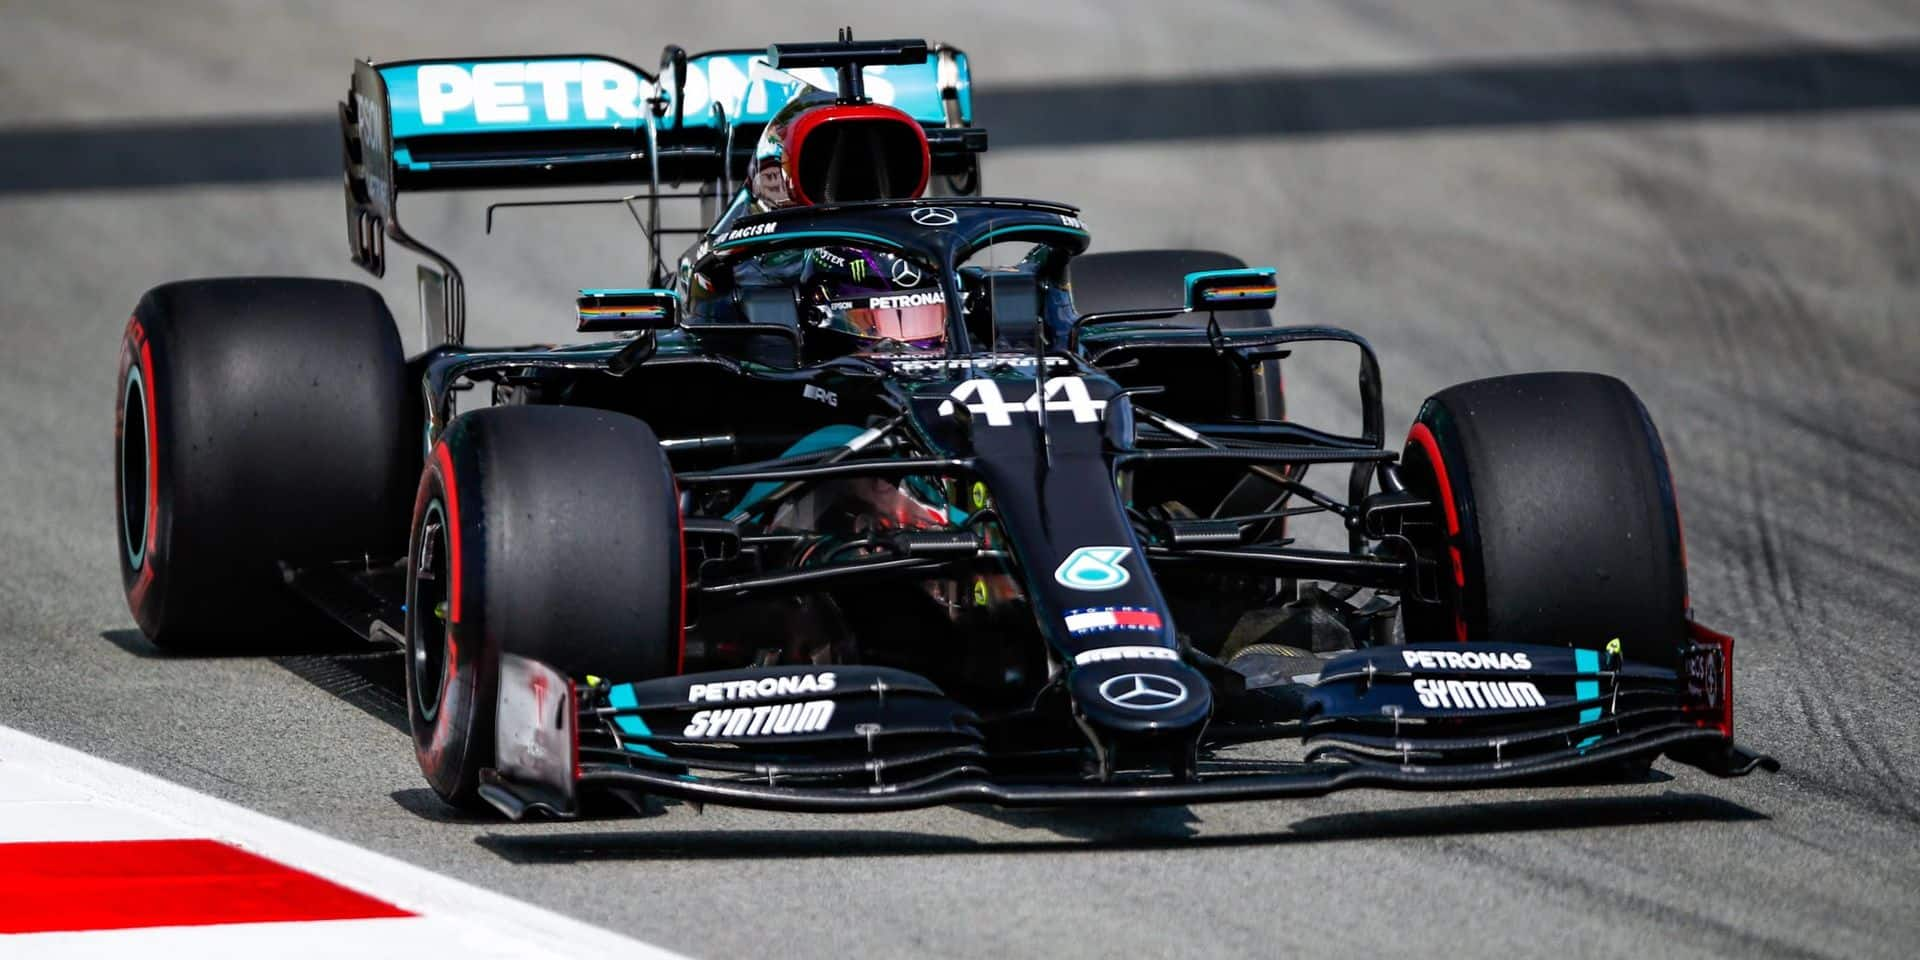 GP d'Espagne (Libres 2) : les Mercedes continuent de parader, l'écart se resserre légèrement